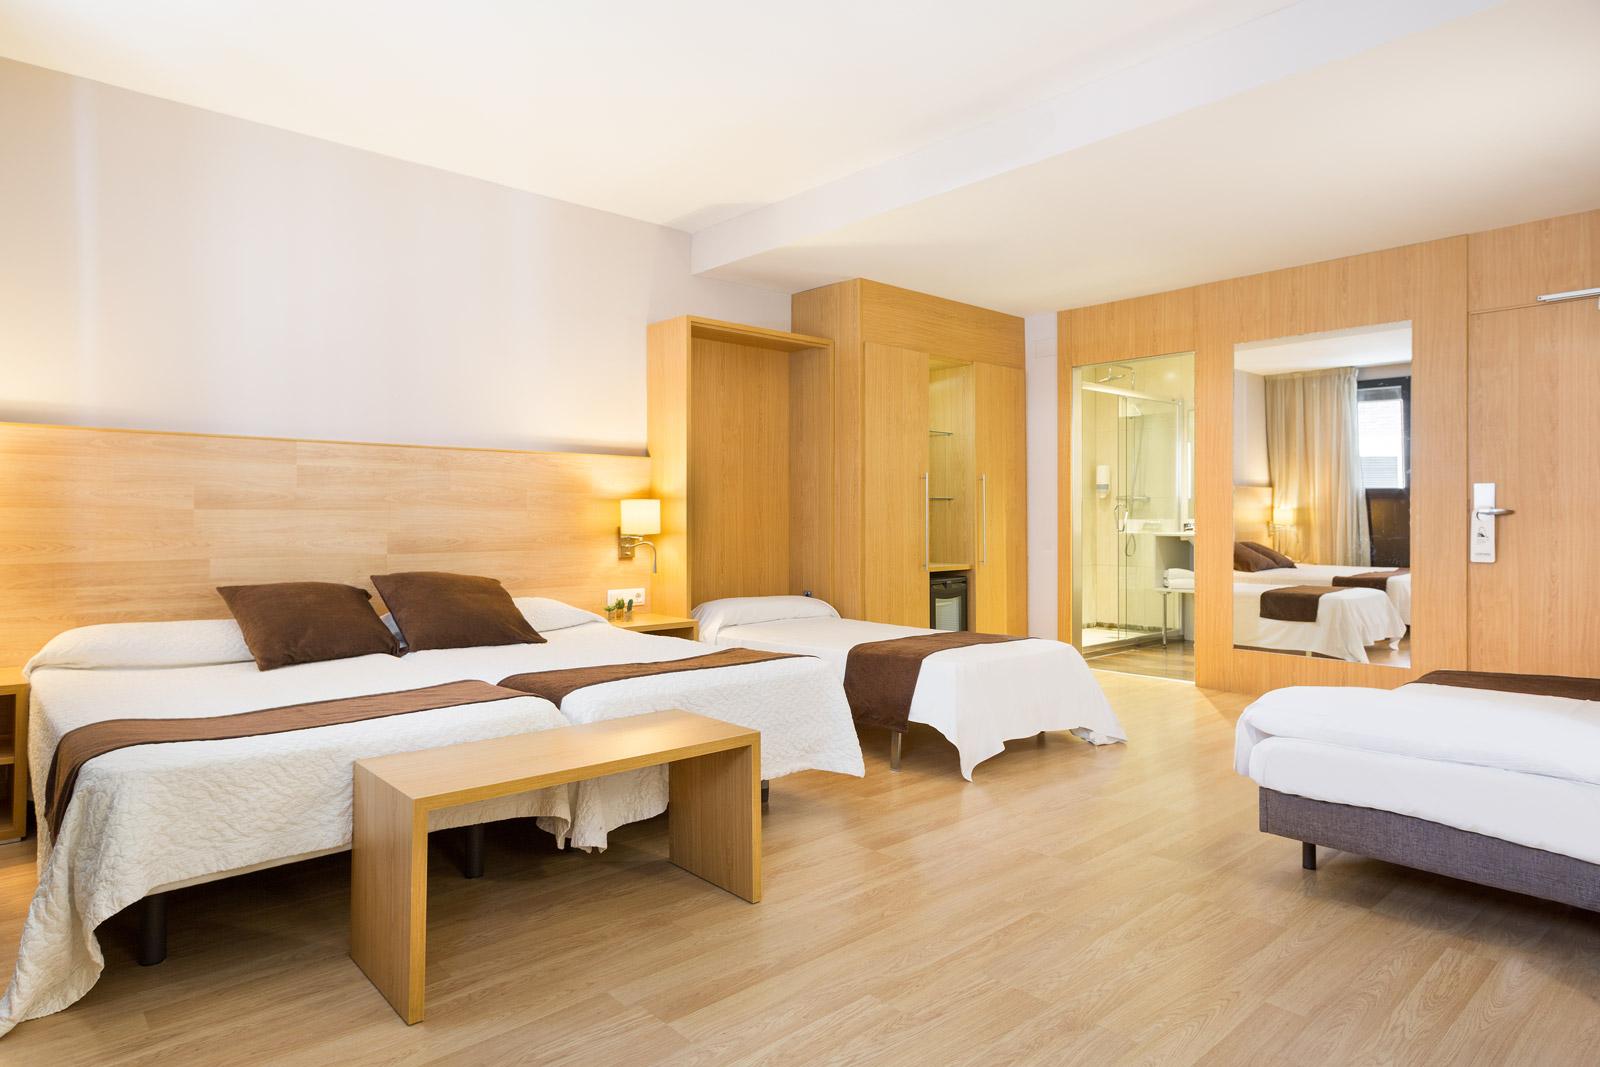 HOTEL_AZUL_HABITACIÓN_CUADRUPLE_C4T_02